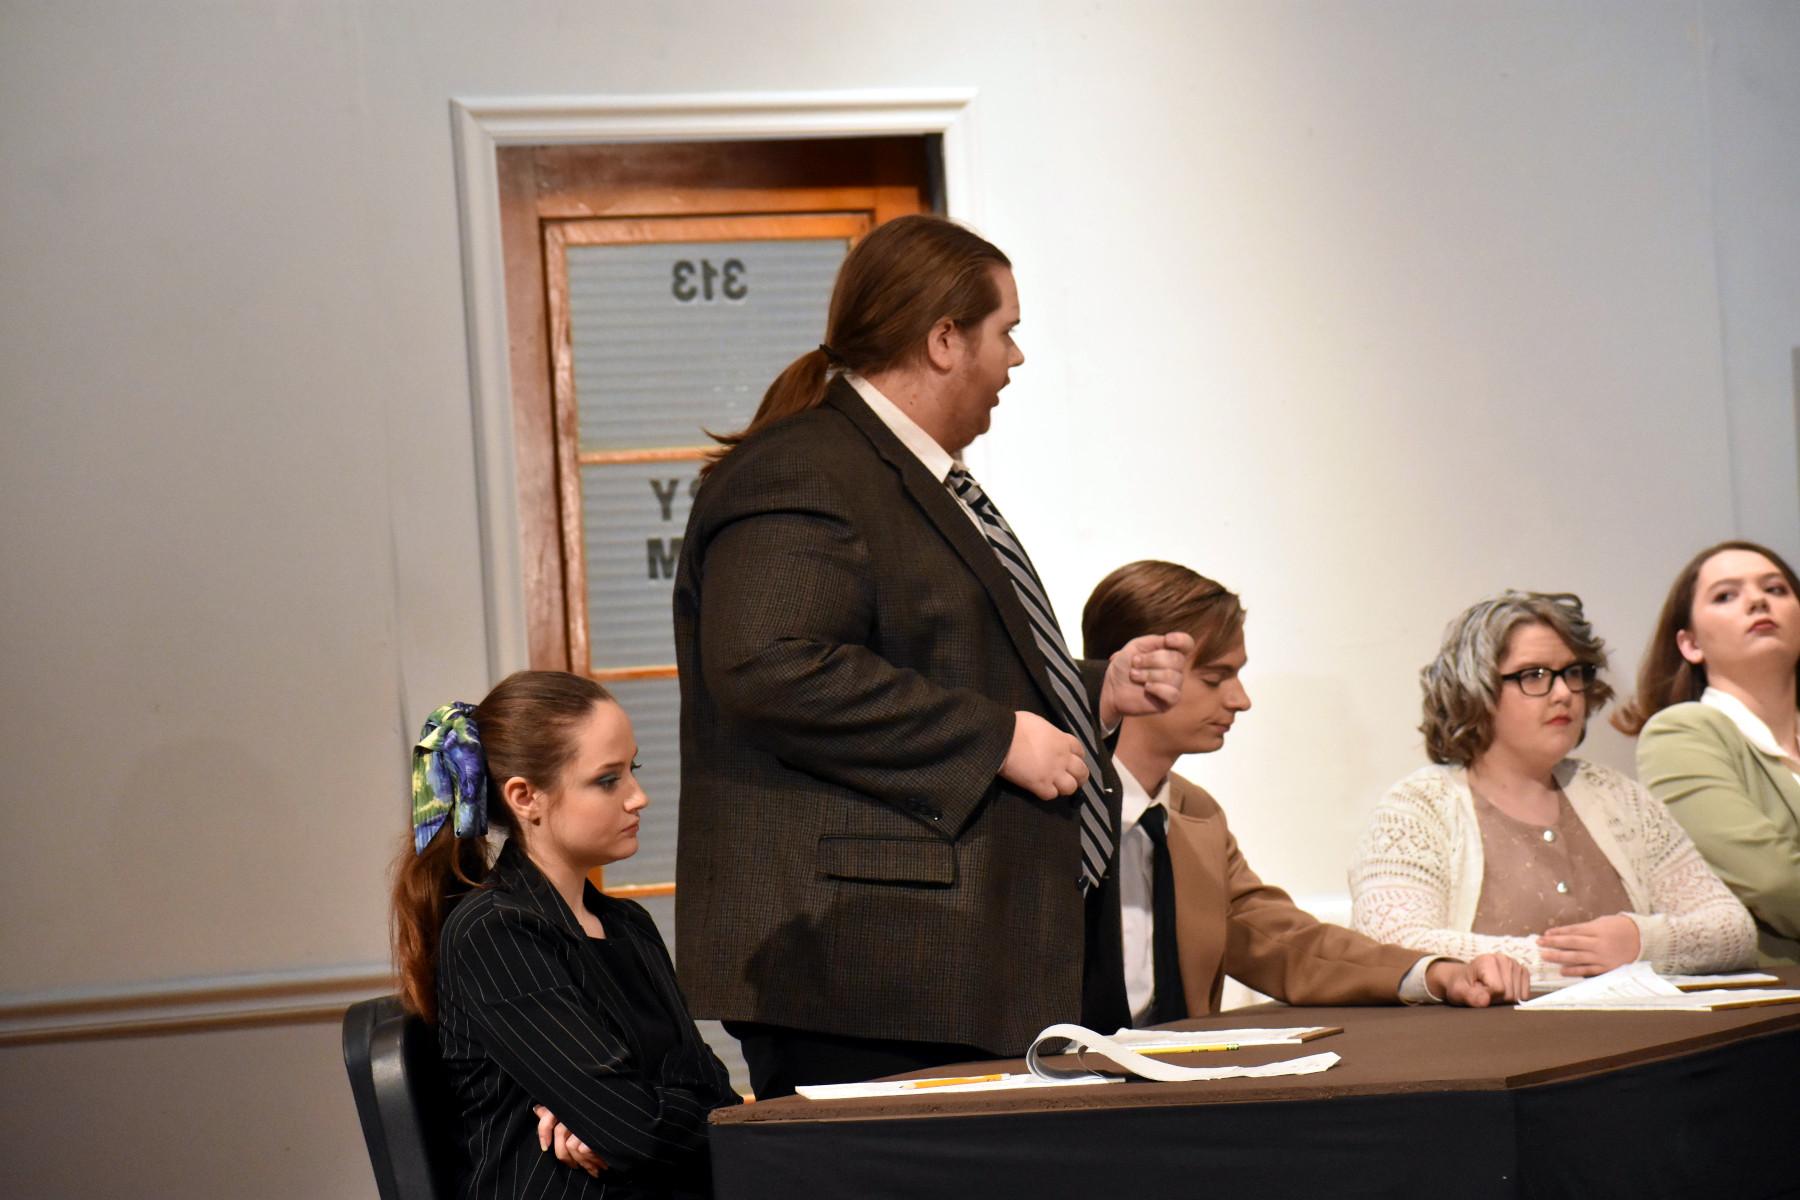 Juror debates